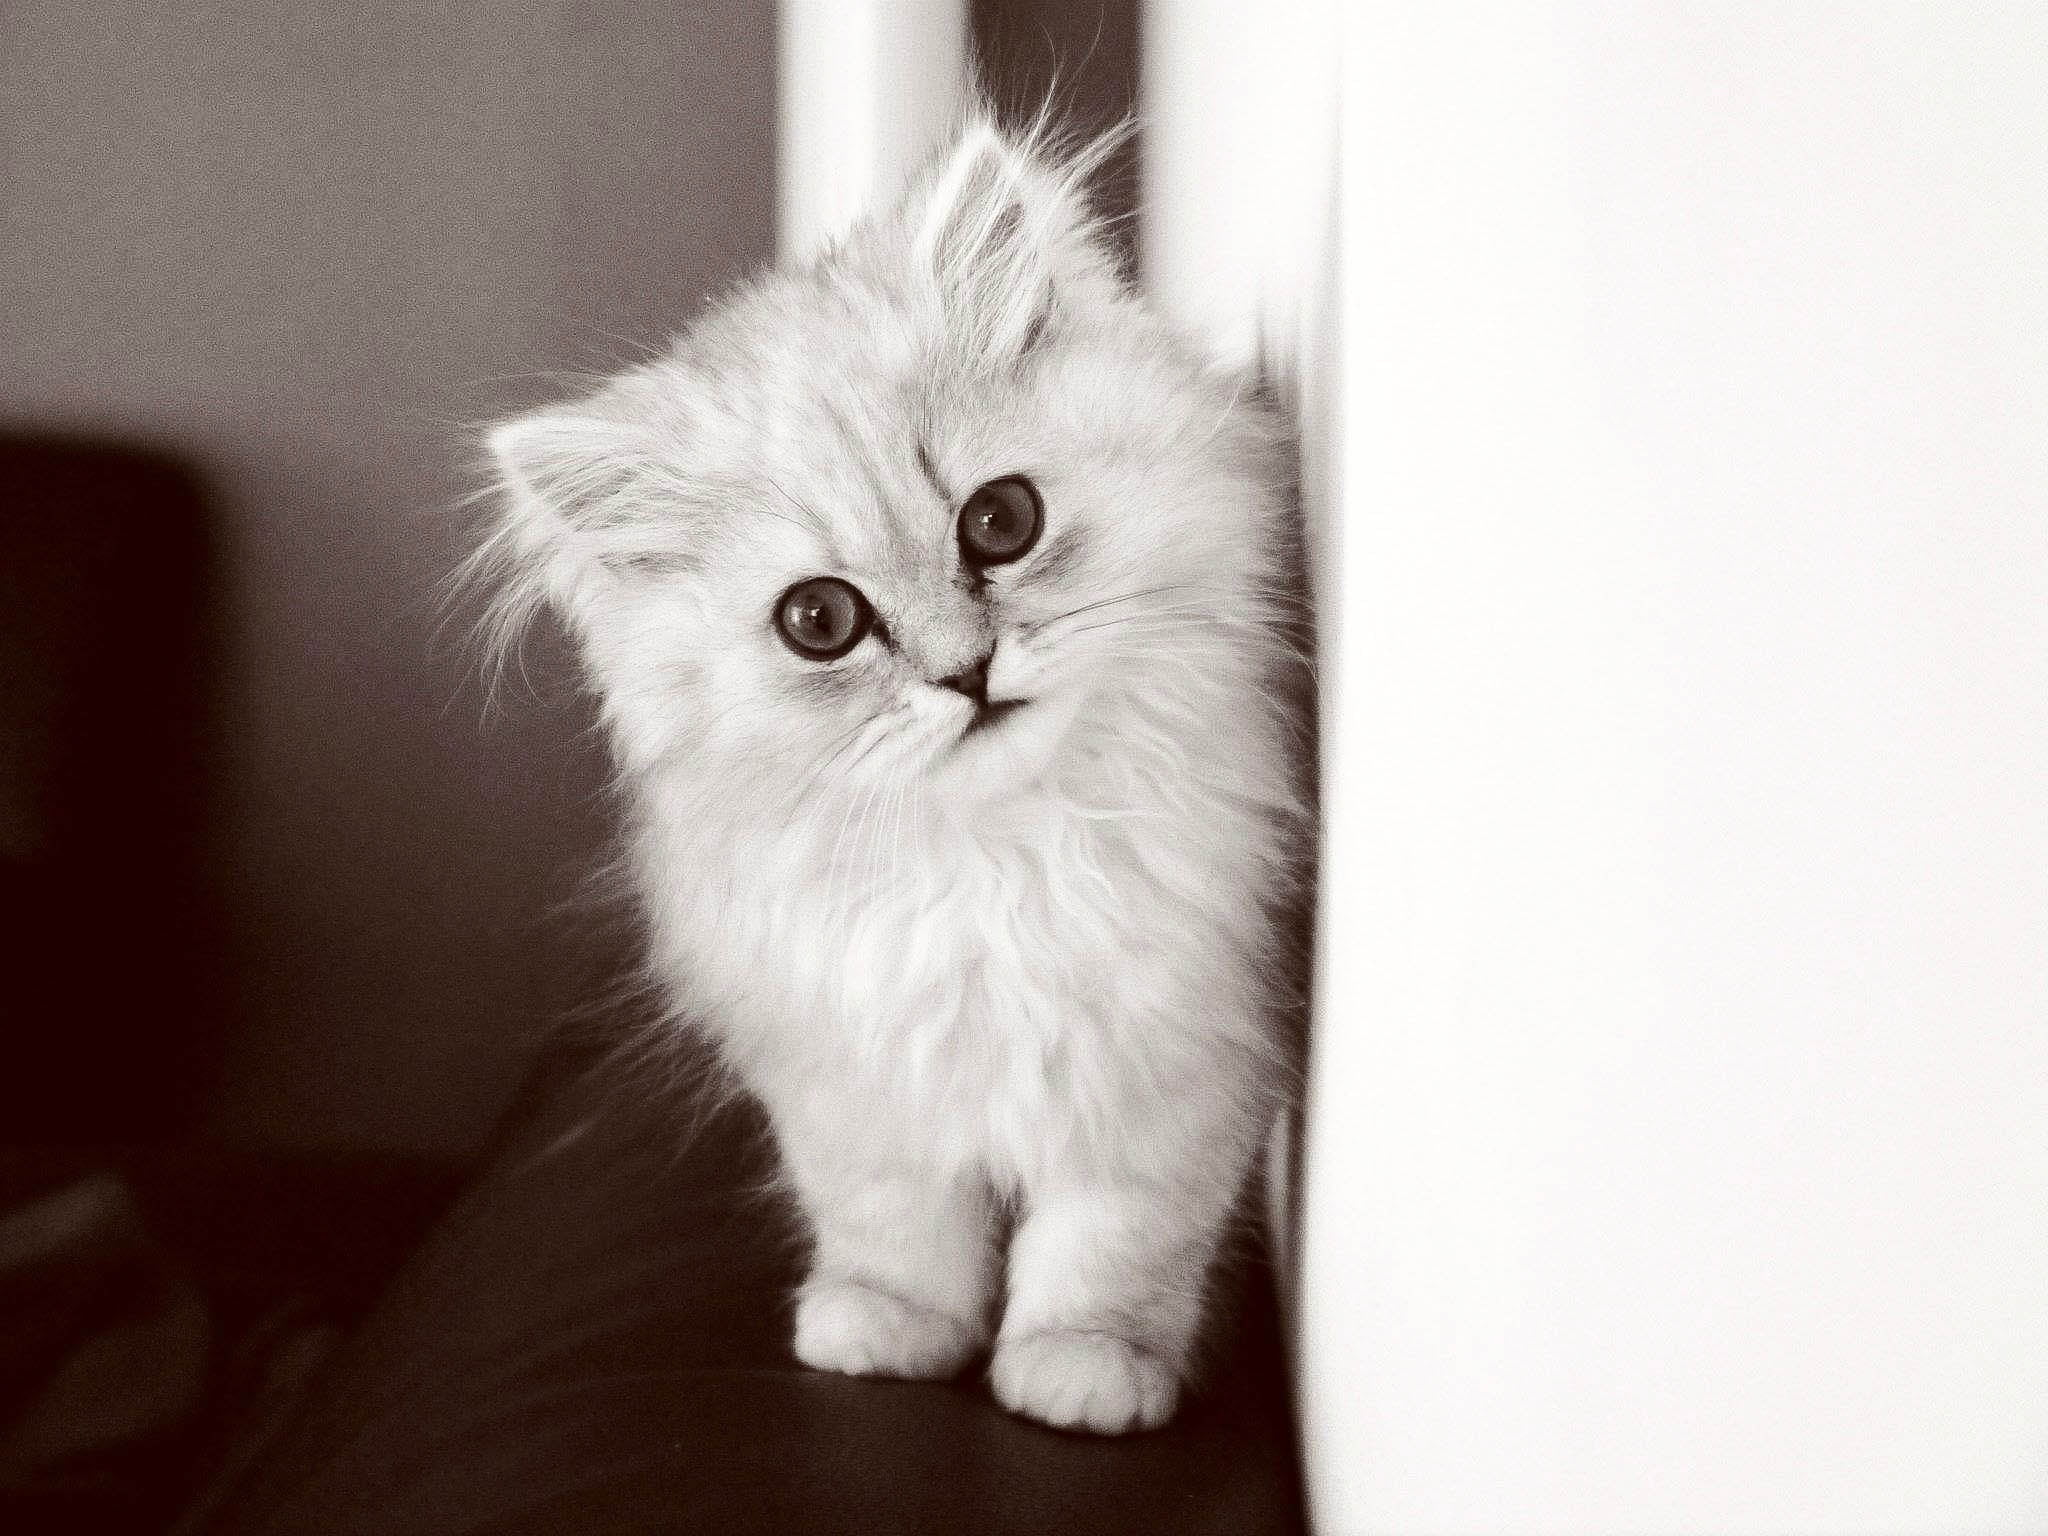 White cat, Kitten, Fluffy cat, Bw HD wallpaper   Wallpaper Flare